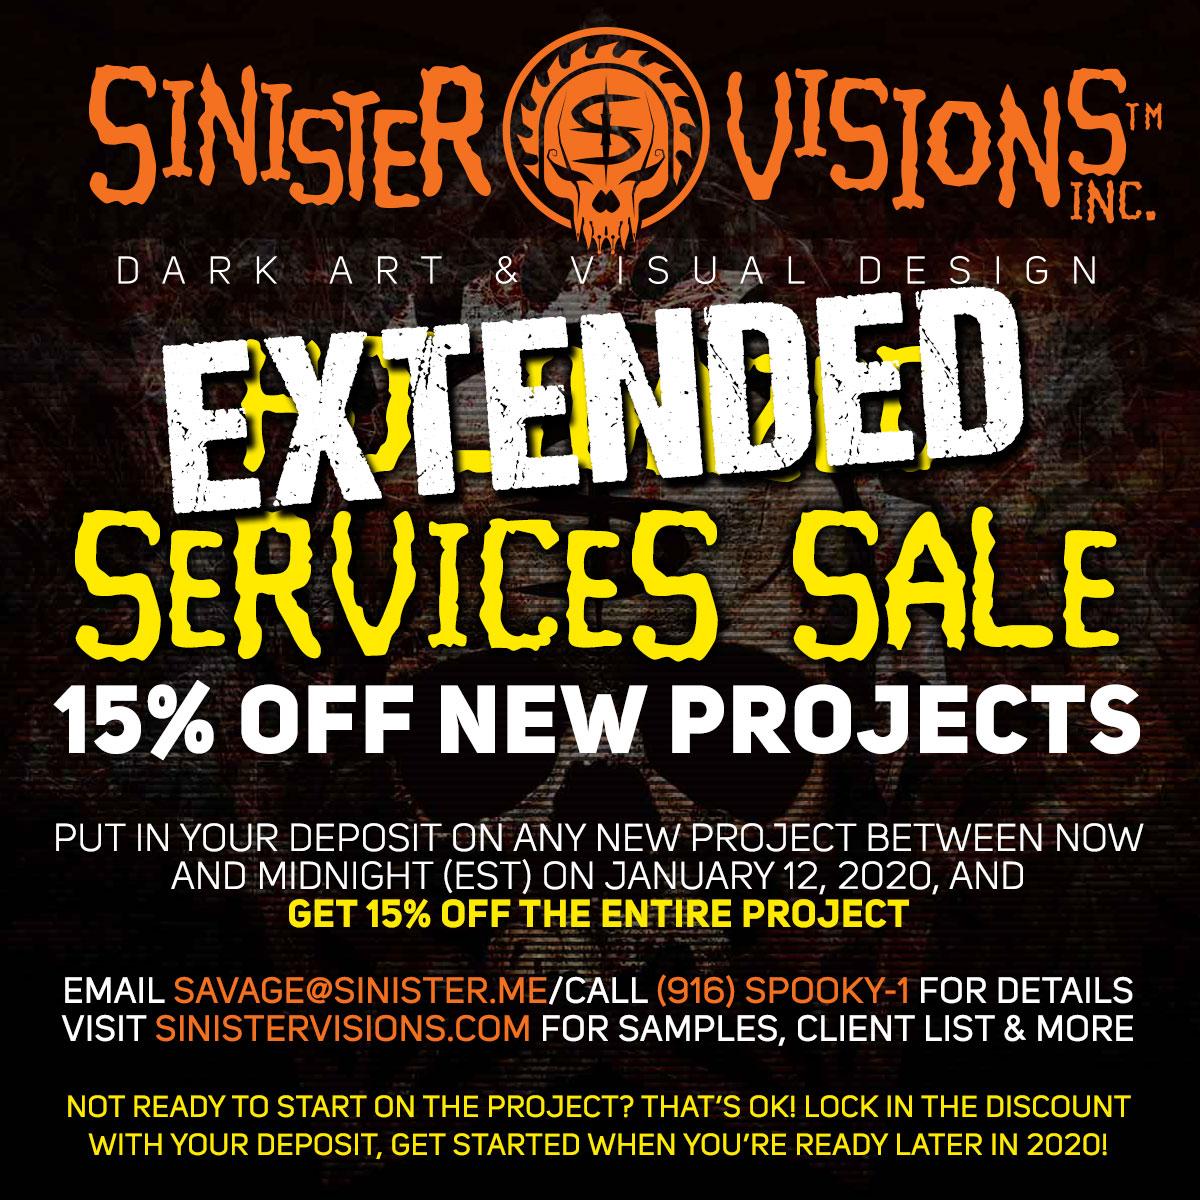 Services Sale